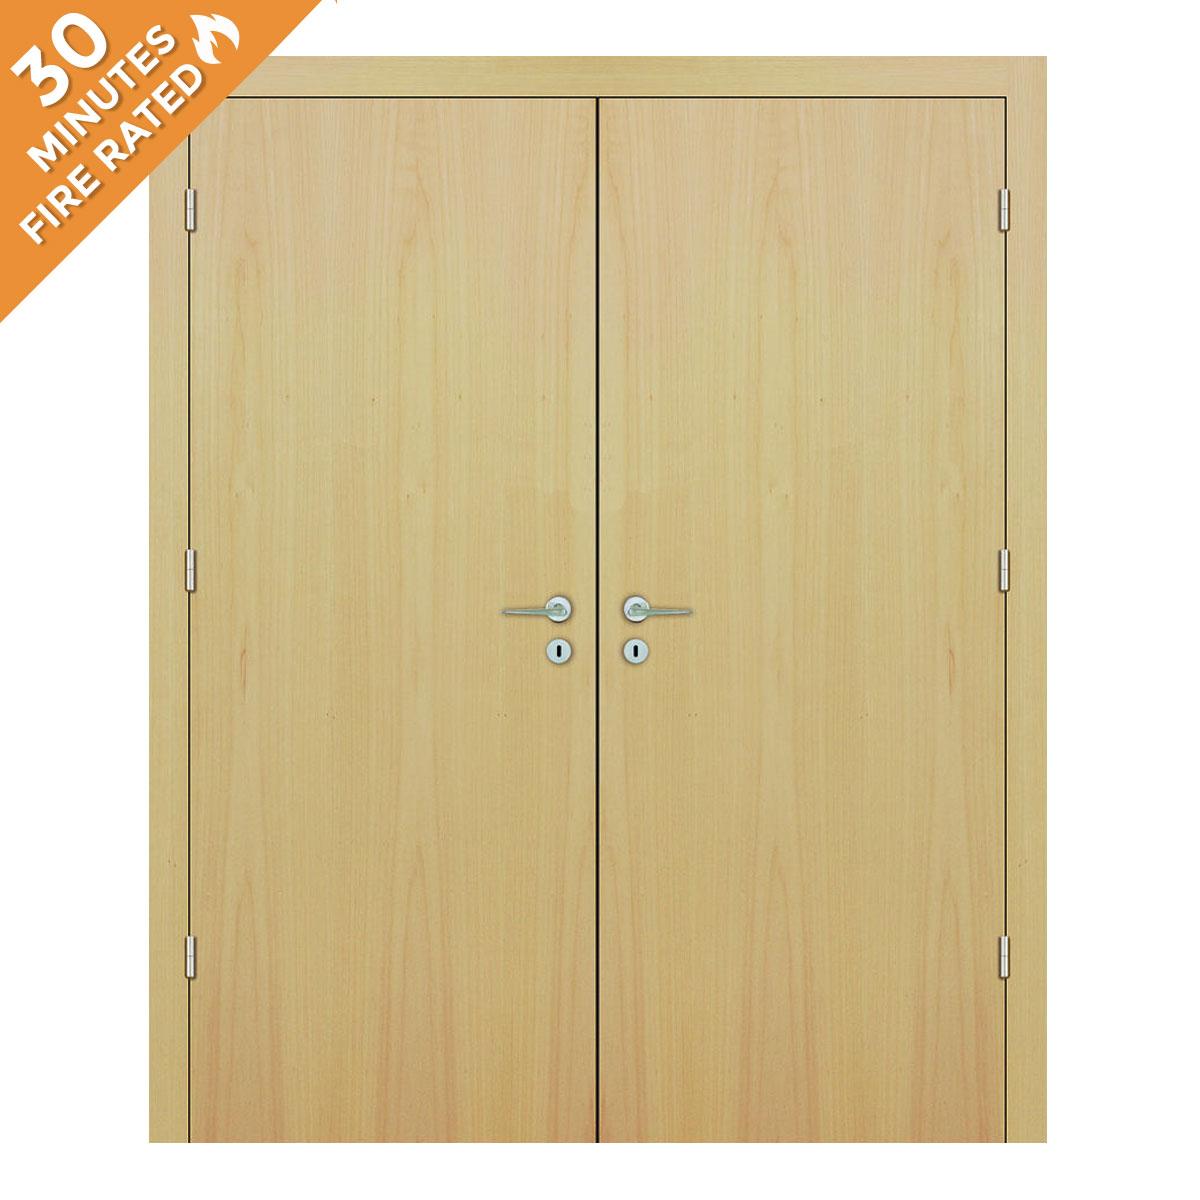 Maple Double Door FD30